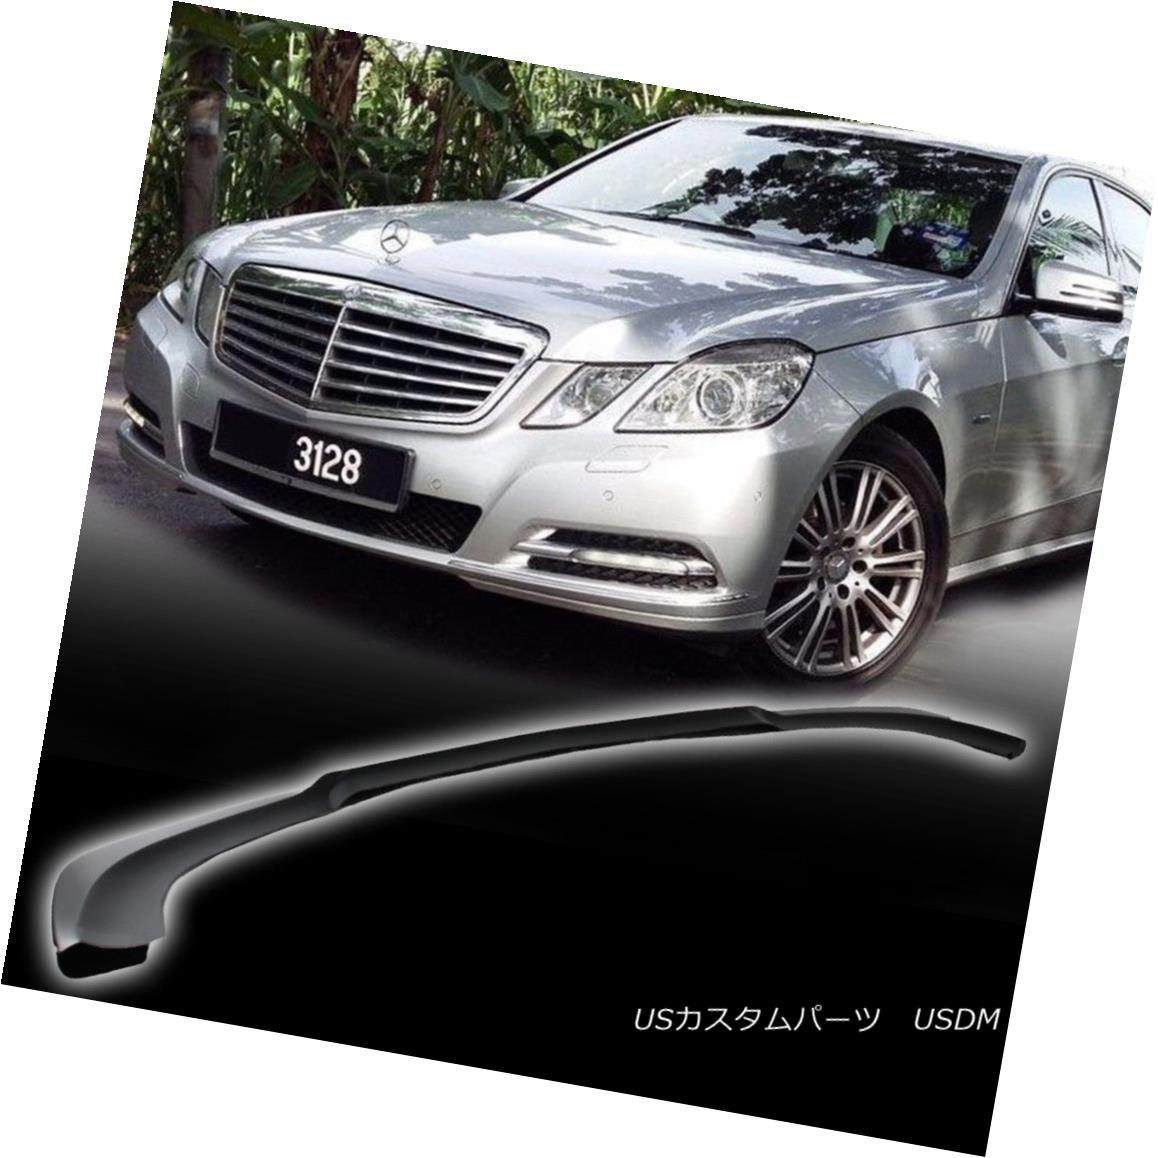 エアロパーツ Mercedes BENZ E Class W212 Matt Black Godhand Front Bumper Lip Spoiler 10-13 メルセデスベンツEクラスW212マットブラックゴッドハンドフロントバンパーリップスポイラー10-13